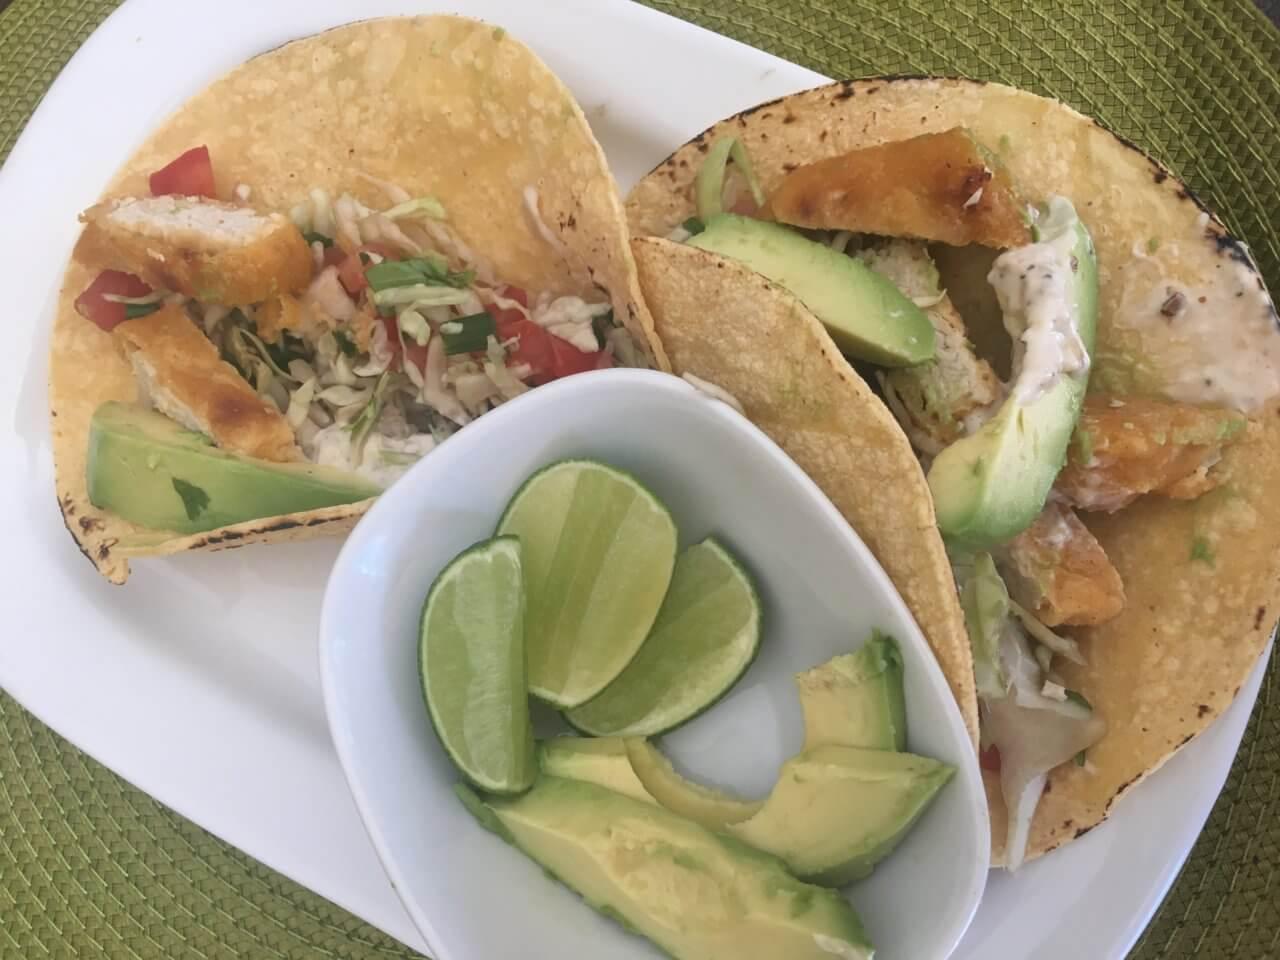 Vegan-Fish-Tacos-2-1280x960.jpg